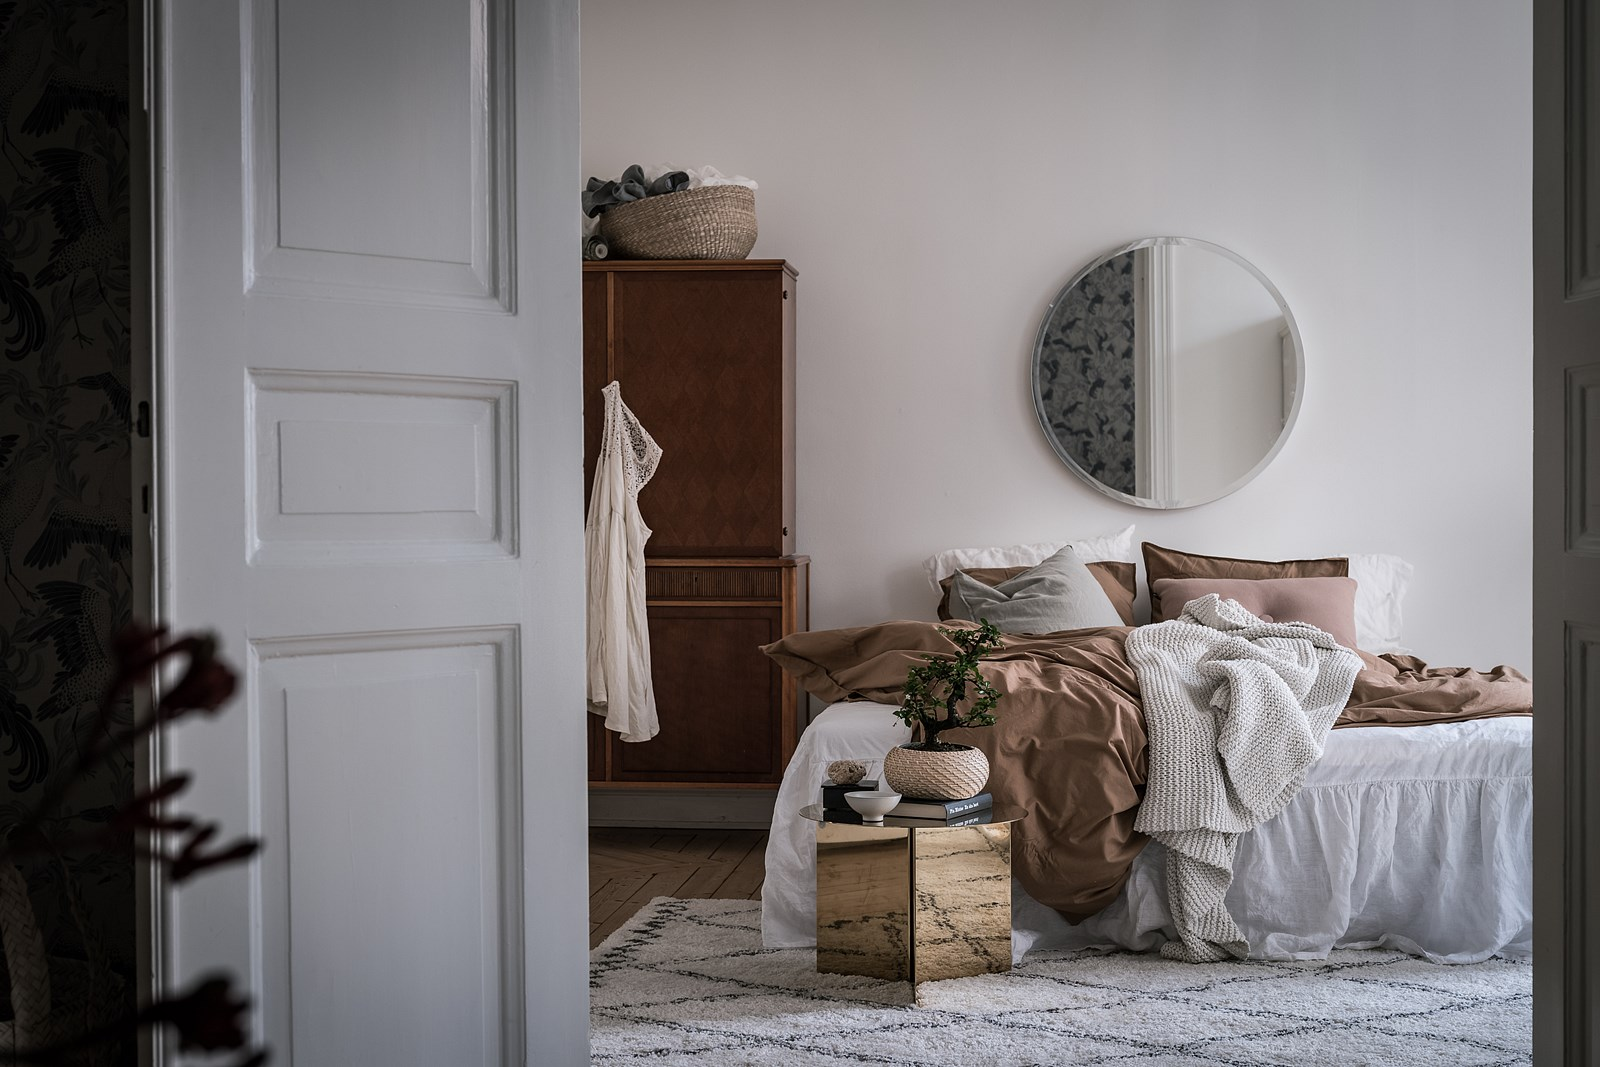 белая дверь спальня кровать зеркало шкаф